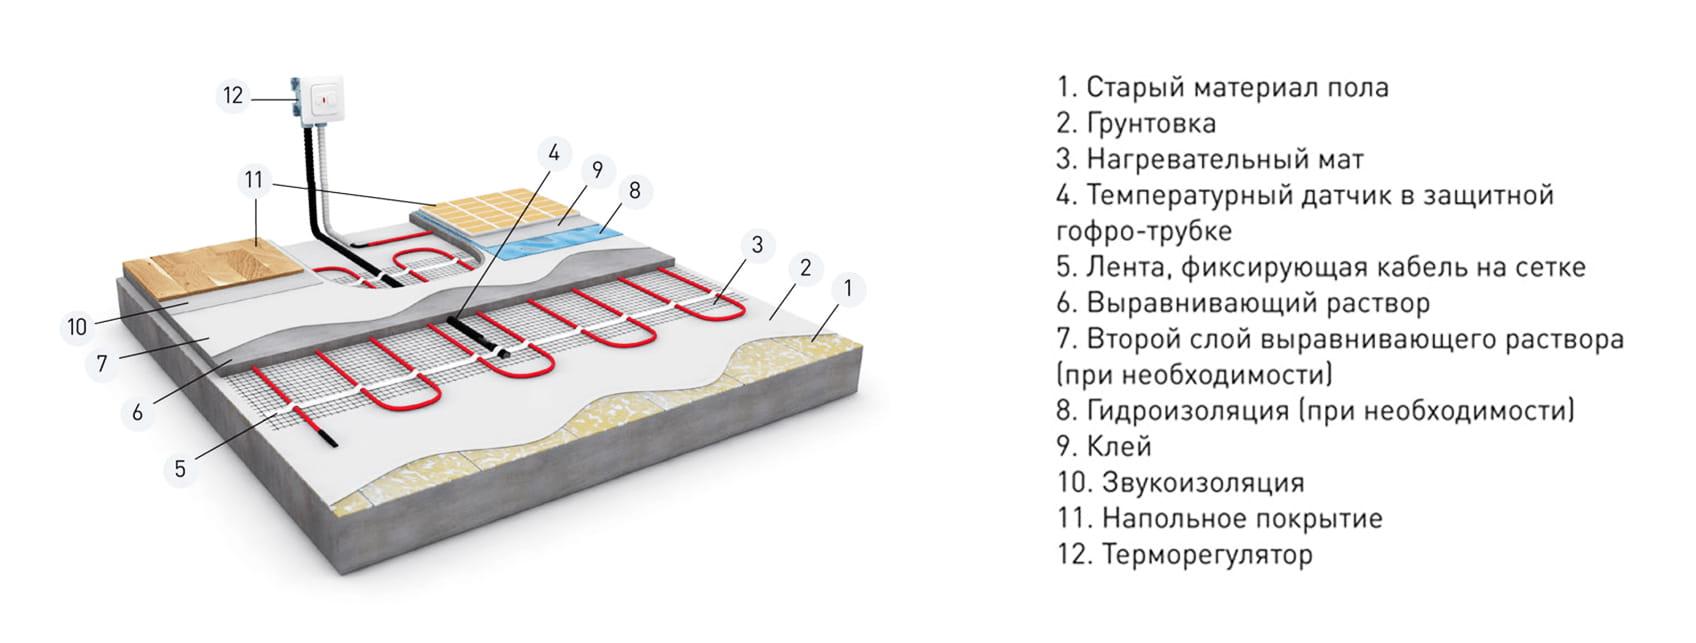 Кабельныйт мат ФЕникс Ультра СМ Купить в Украине